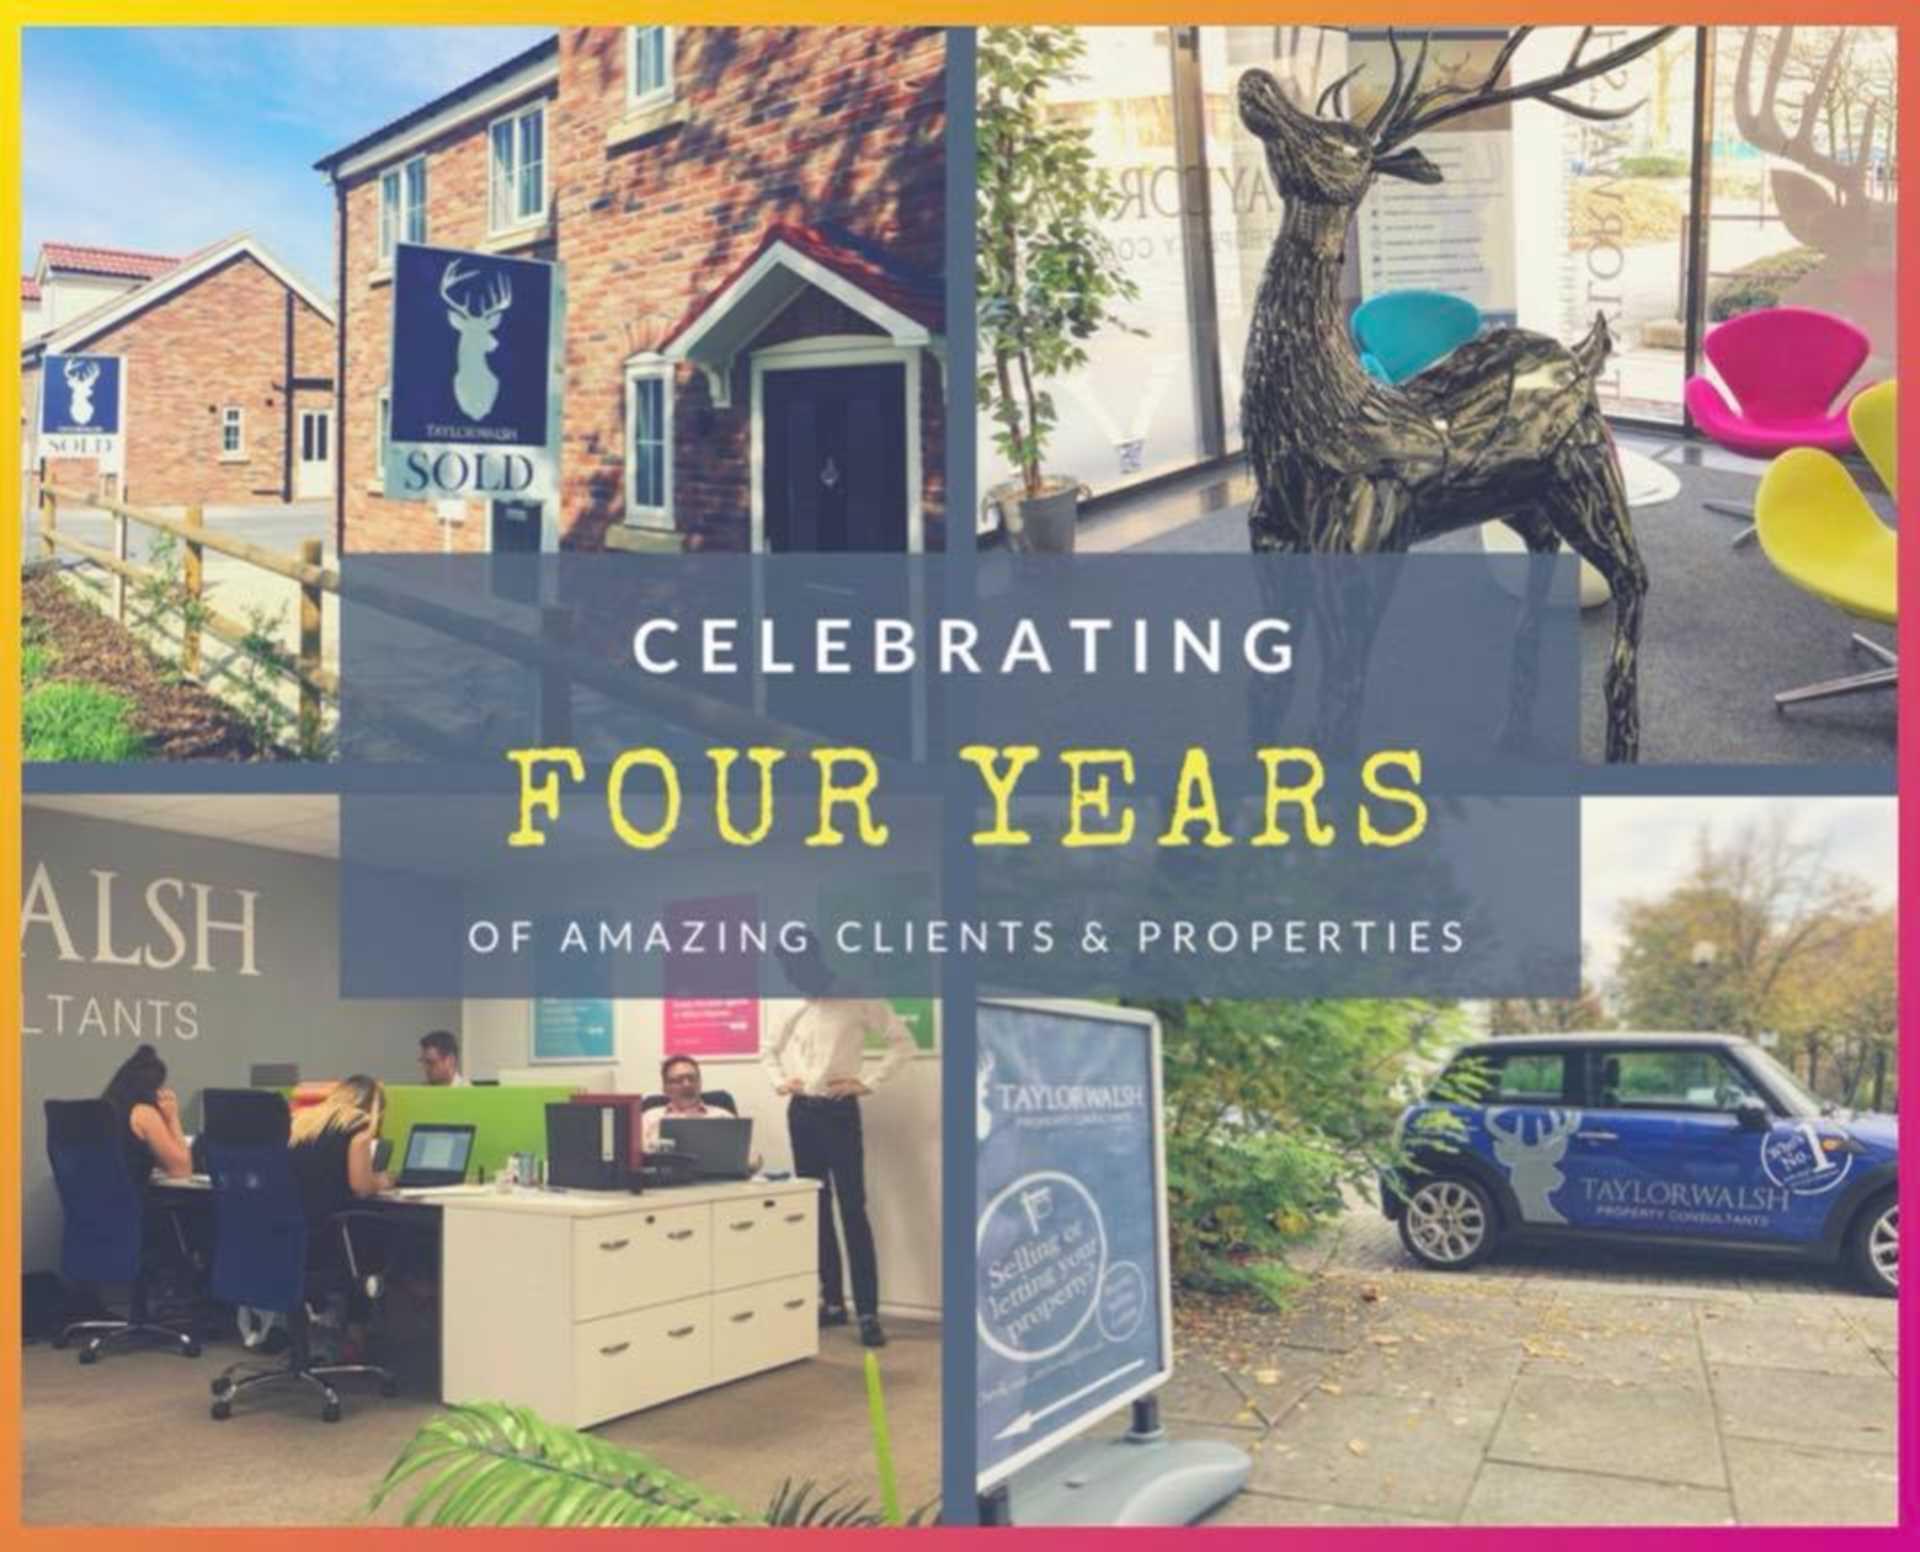 Celebrating 4 years